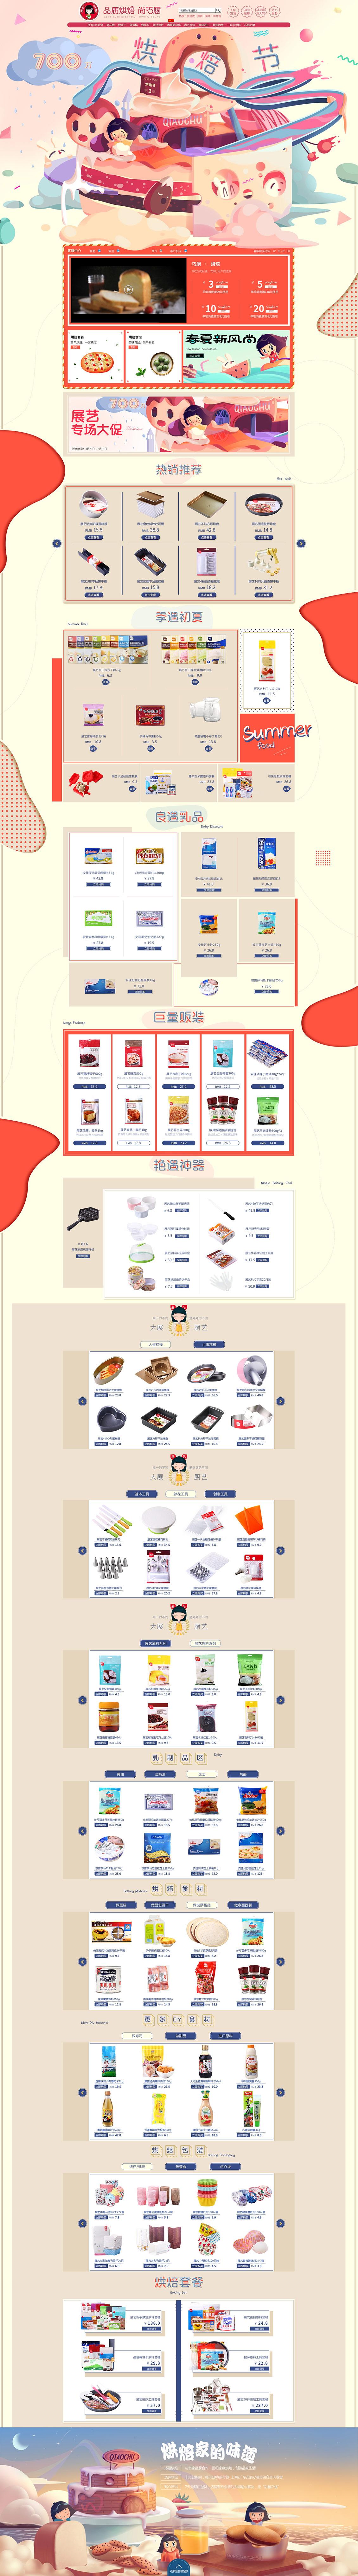 巧厨食品零食酒水 天猫首页活动专题页面设计